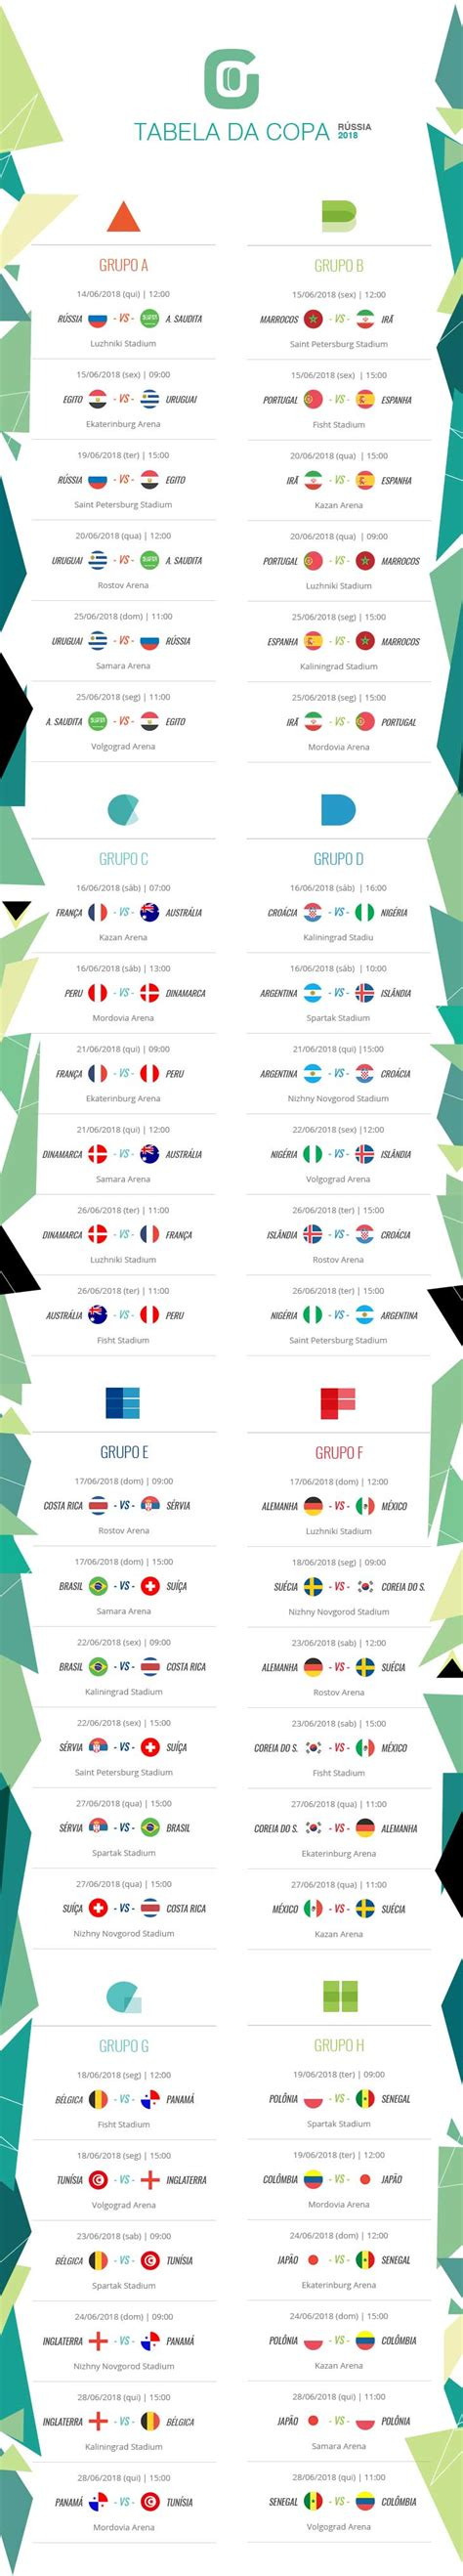 copa mundial 2018 horarios confira datas e hor 225 rios dos jogos da fase de grupos da